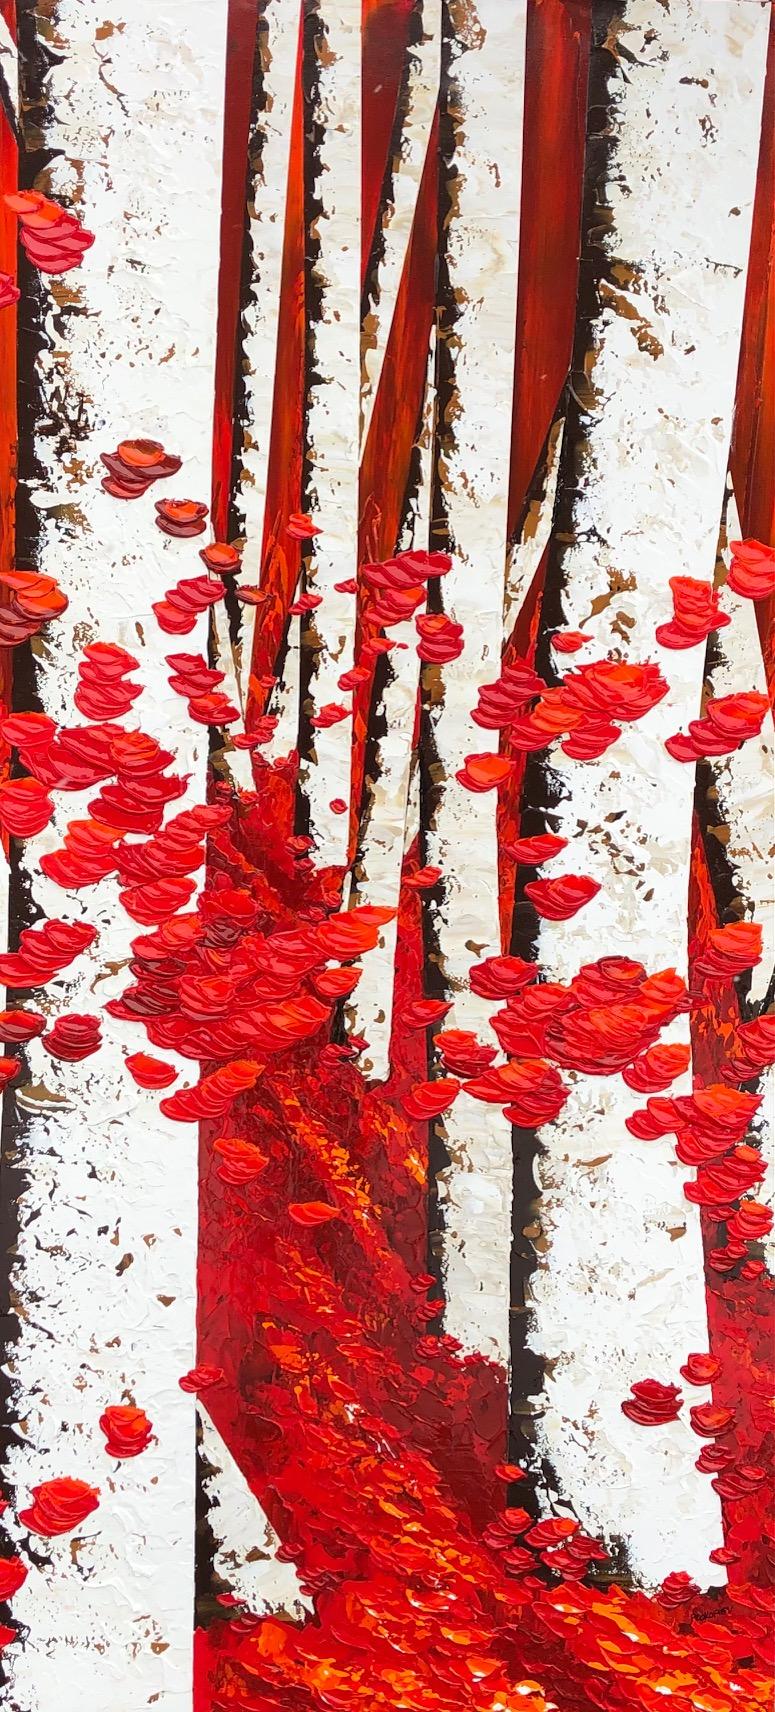 Autumn Passage by  Everist Prokofiev - Masterpiece Online